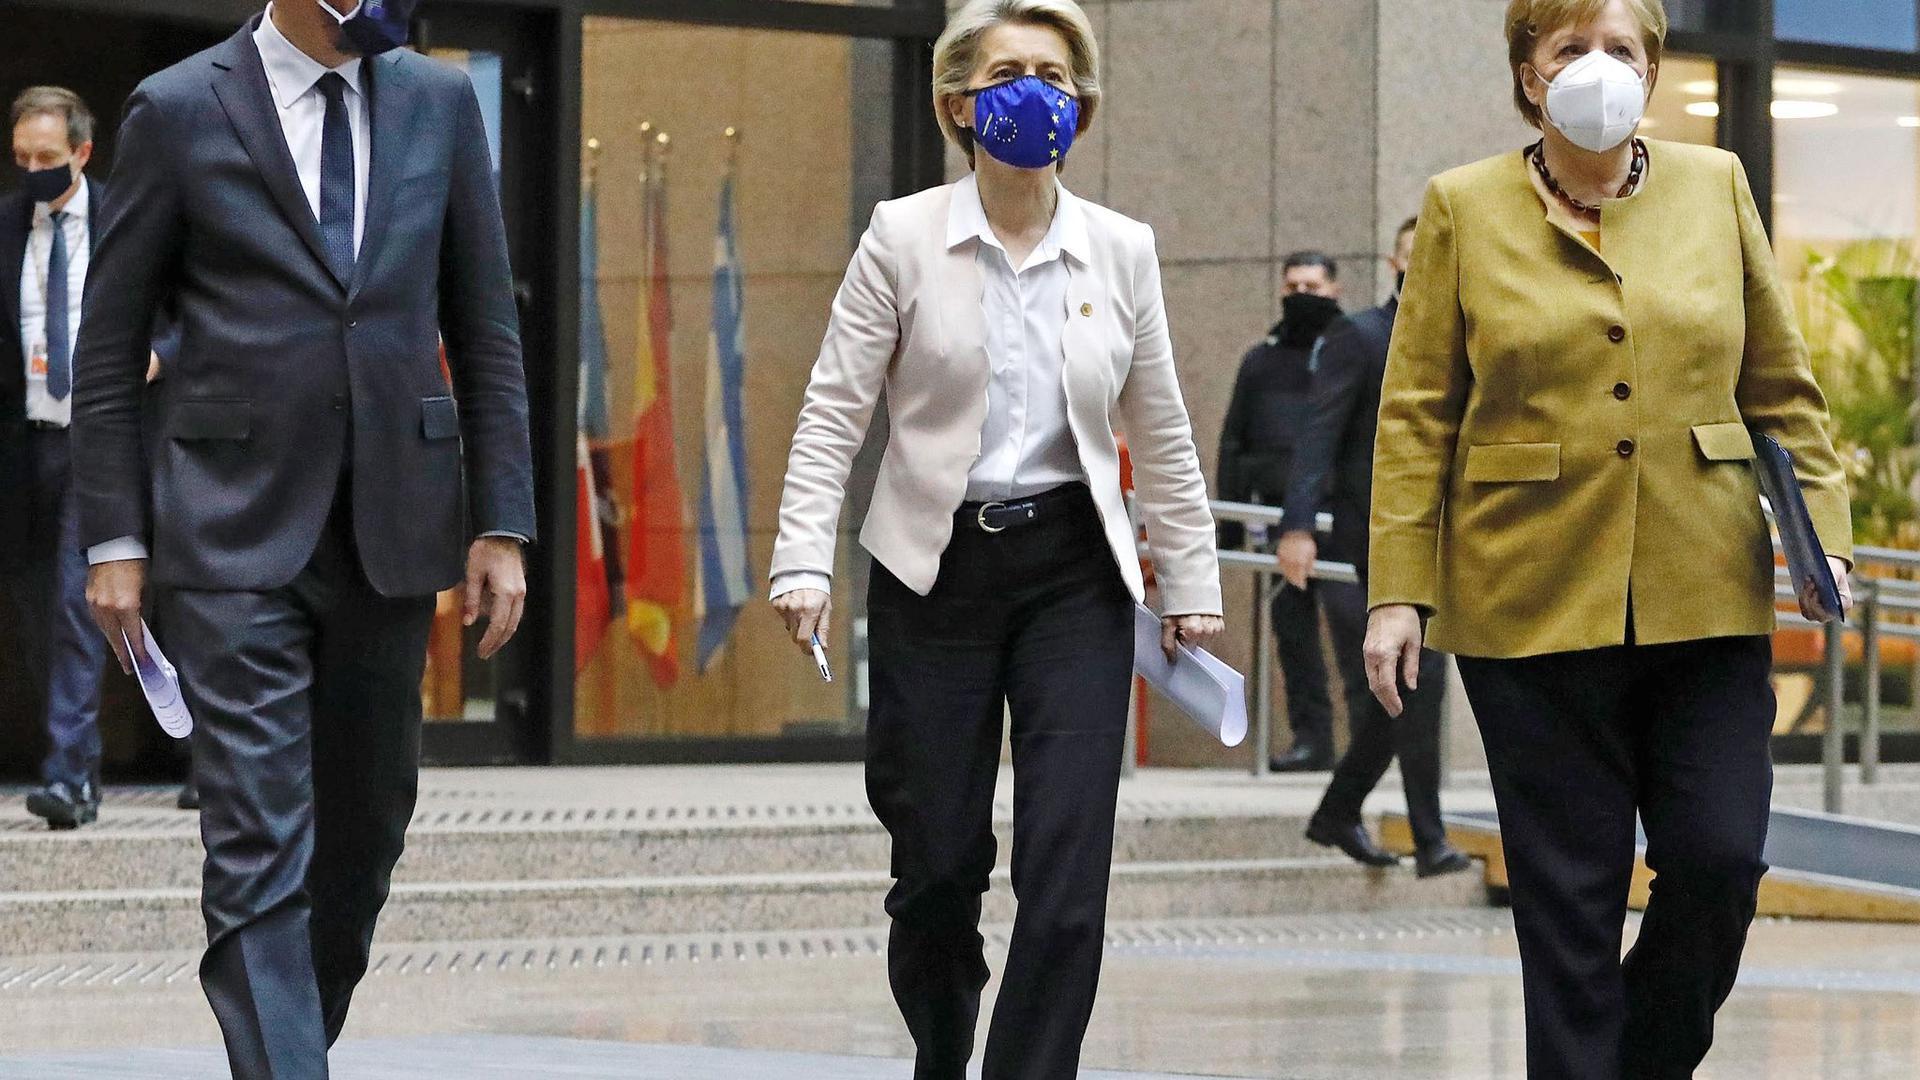 Charles Michel, Präsident des Europäischen Rates, Ursula von der Leyen, EU-Kommissionspräsidentin, und Bundeskanzlerin Angela Merkel kommen im Dezember 2020 am Ende eines Gipfeltreffens zu einer Pressekonferenz. Diese Mal findet das Treffen online statt.